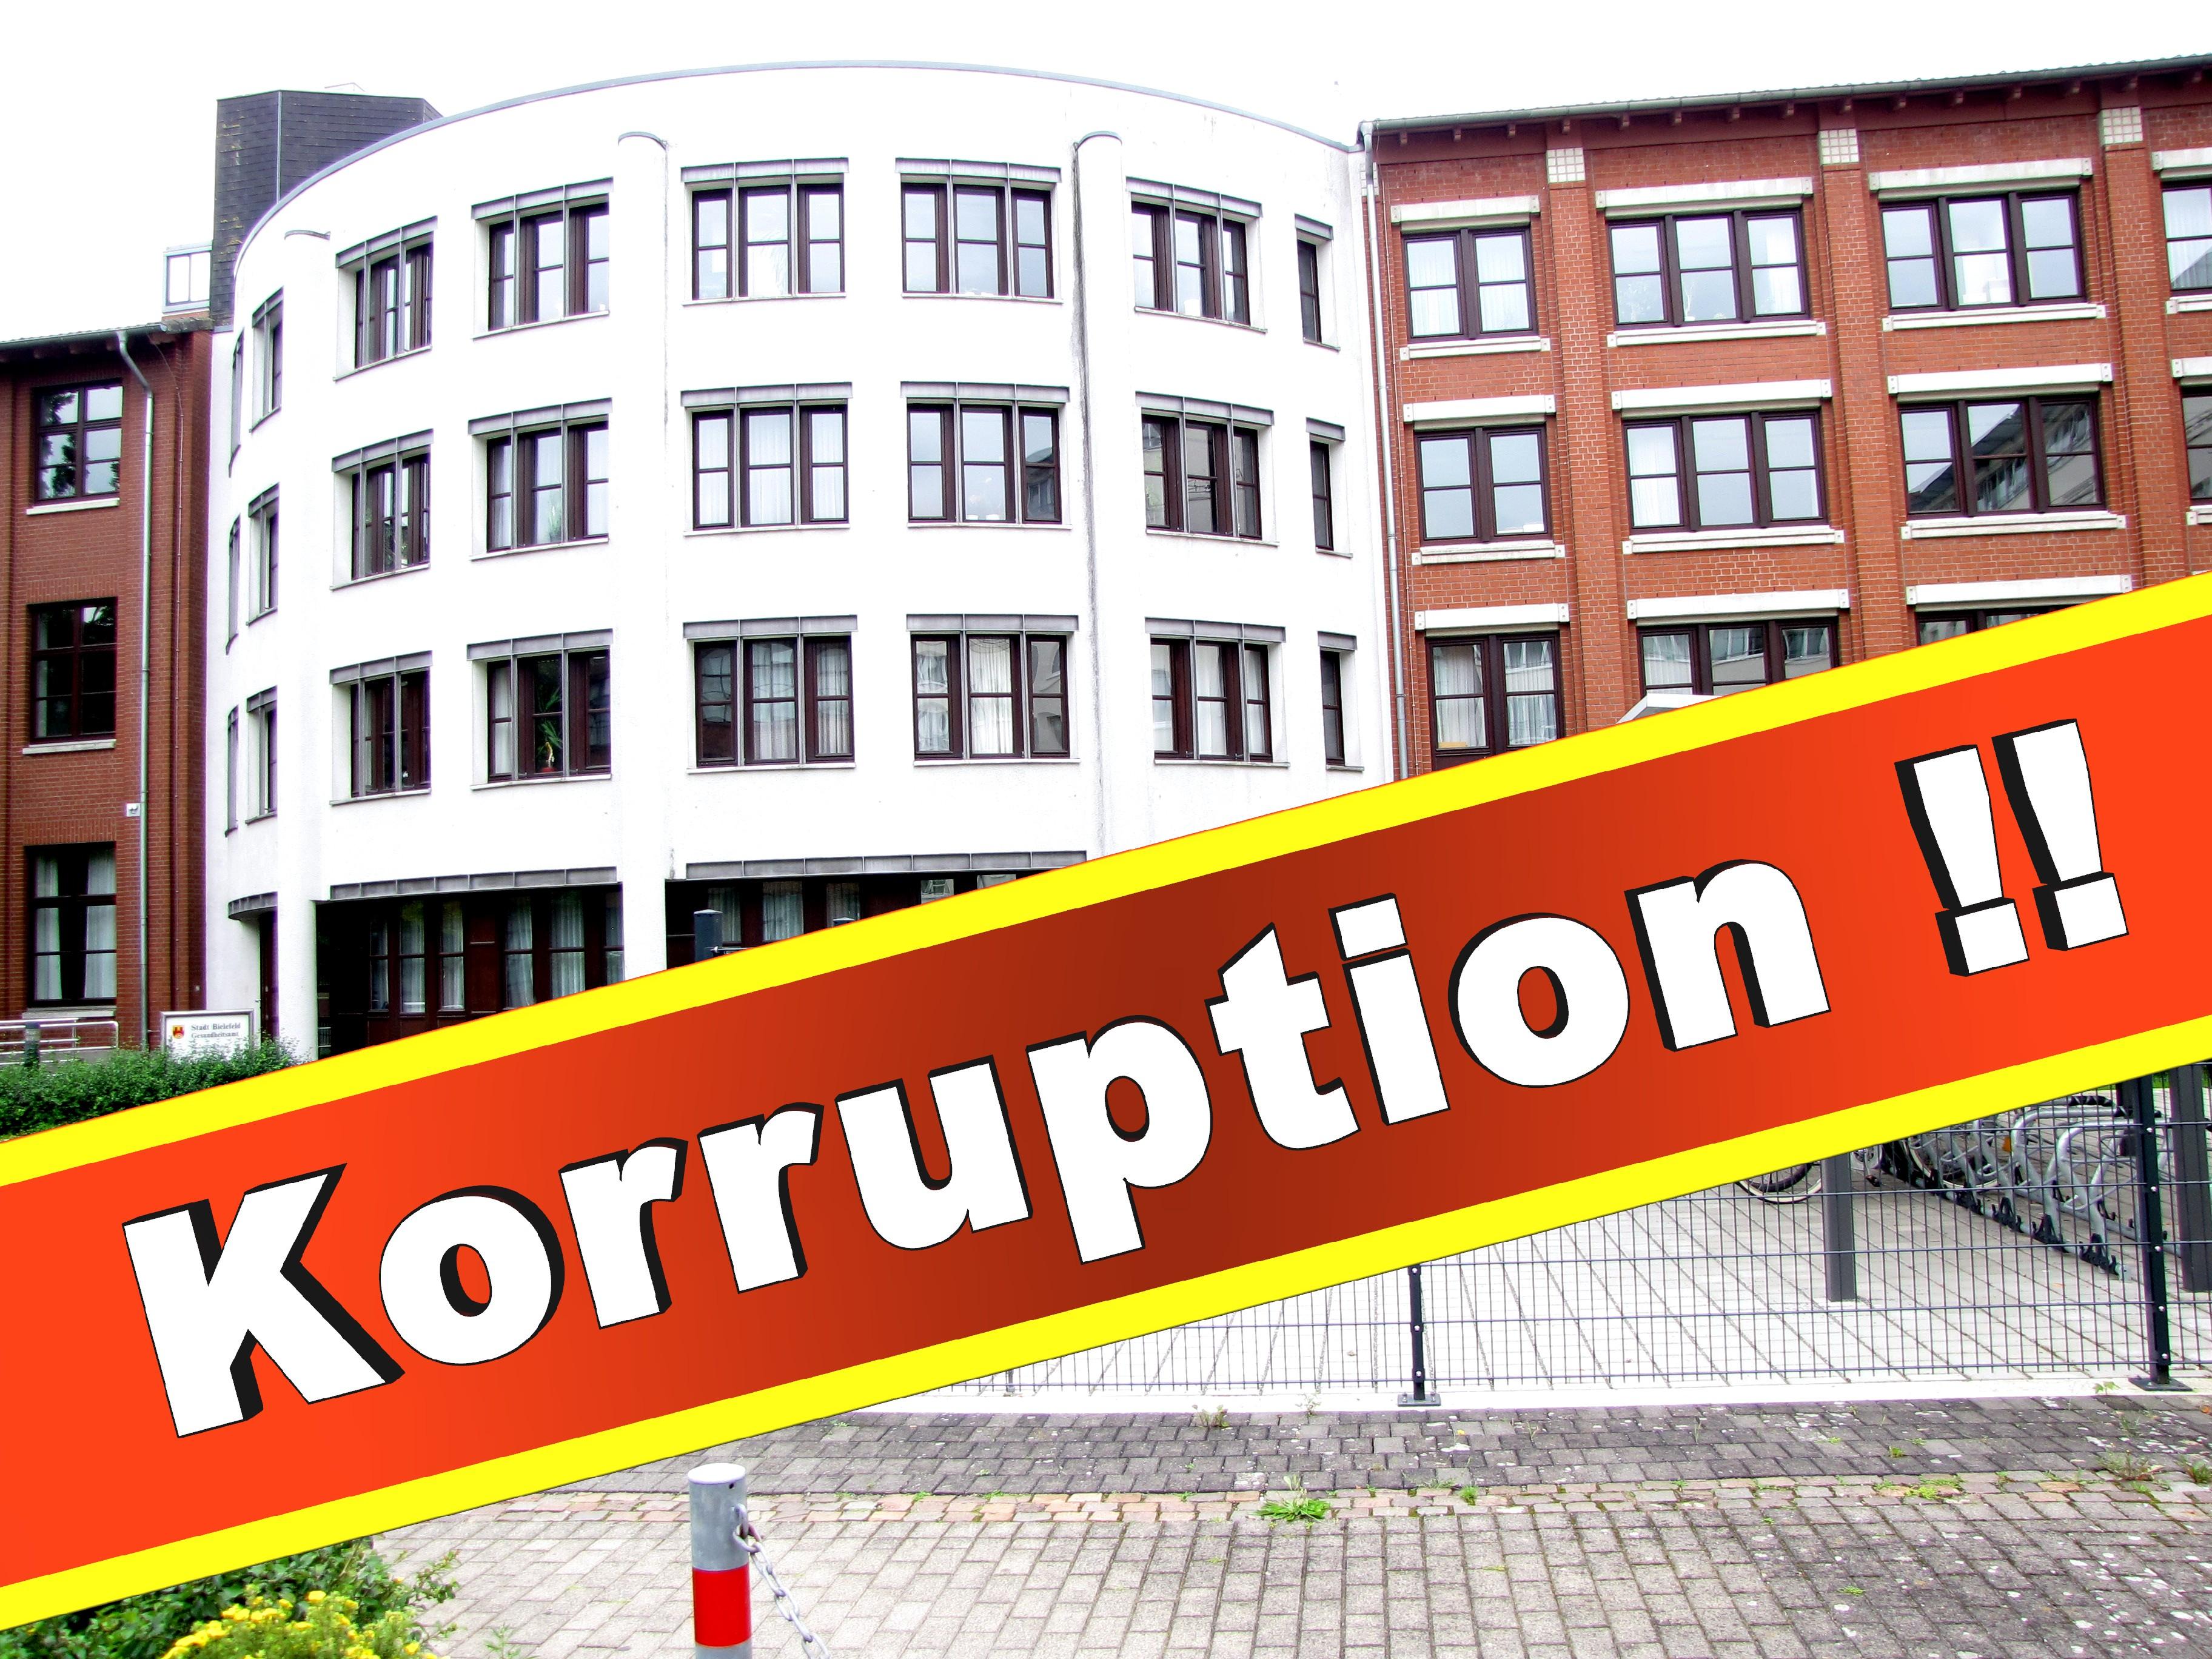 Gesundheitsamt Bielefeld Amtsarzt Adresse Gesundheitsbelehrung Telefon Schuleingangsuntersuchung Bielefeld Parken Gesundheitszeugnis (5)